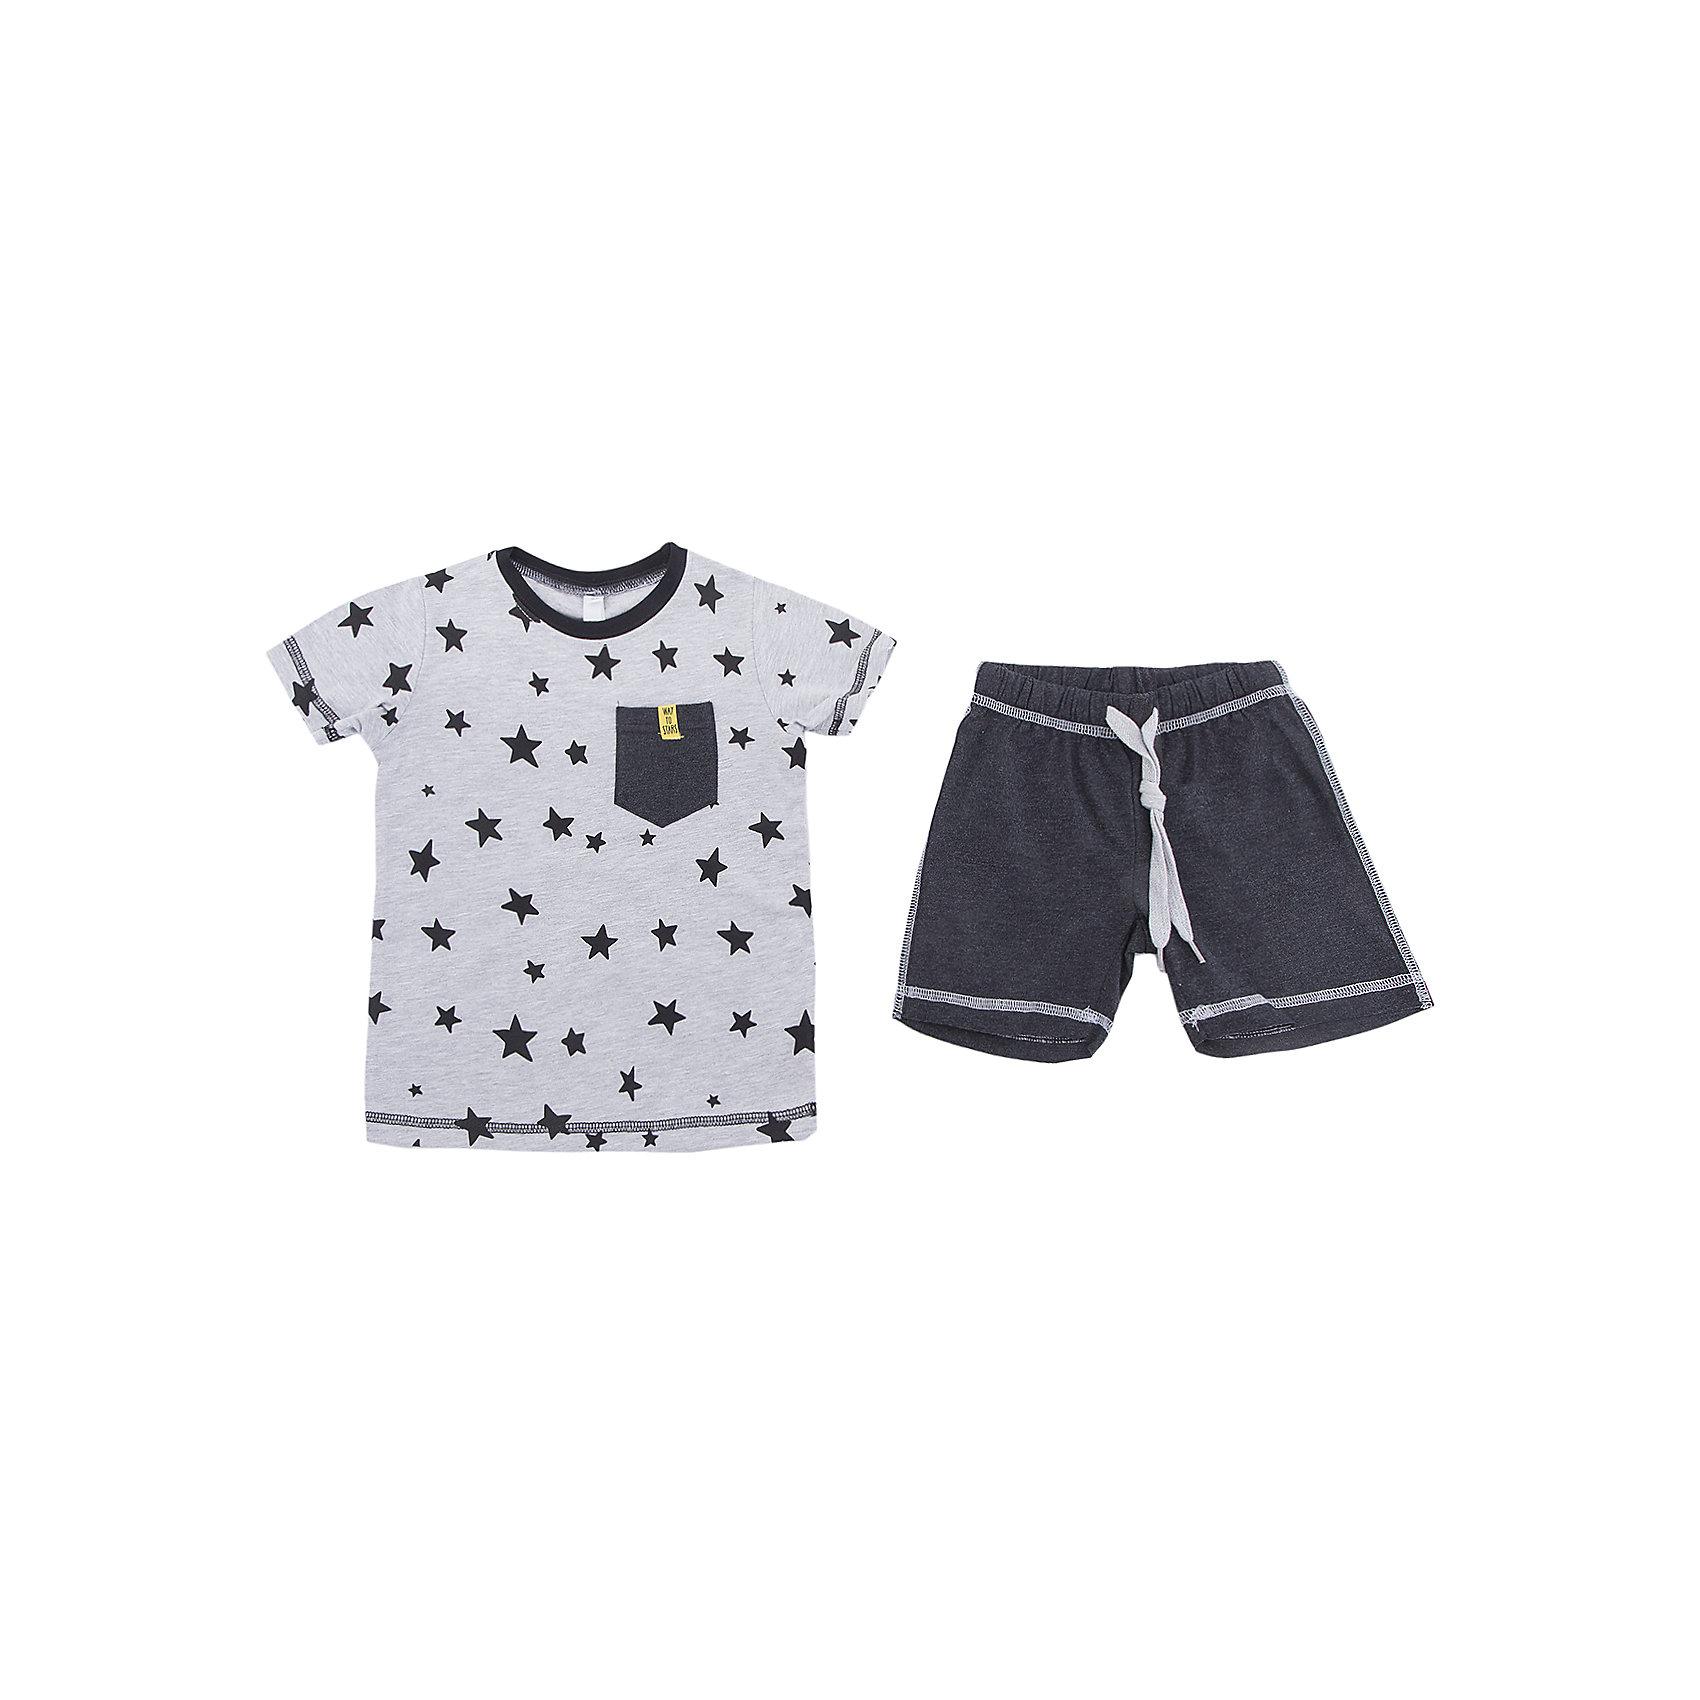 Комплект: футболка и шорты PlayToday для мальчикаКомплекты<br>Комплект: футболка и шорты PlayToday для мальчика<br>Комплект из футболки и шорт. Натуральный, приятный к телу материал не сковывает движений. Пояс шорт на широкой мягкой резинке, дополнен регулируемым шнуром - кулиской. Футболка из принтованной ткани, дополнена небольшим карманом на полочке.<br>Состав:<br>95% хлопок, 5% эластан<br><br>Ширина мм: 199<br>Глубина мм: 10<br>Высота мм: 161<br>Вес г: 151<br>Цвет: белый<br>Возраст от месяцев: 84<br>Возраст до месяцев: 96<br>Пол: Мужской<br>Возраст: Детский<br>Размер: 98,104,110,116,122,128<br>SKU: 7111525